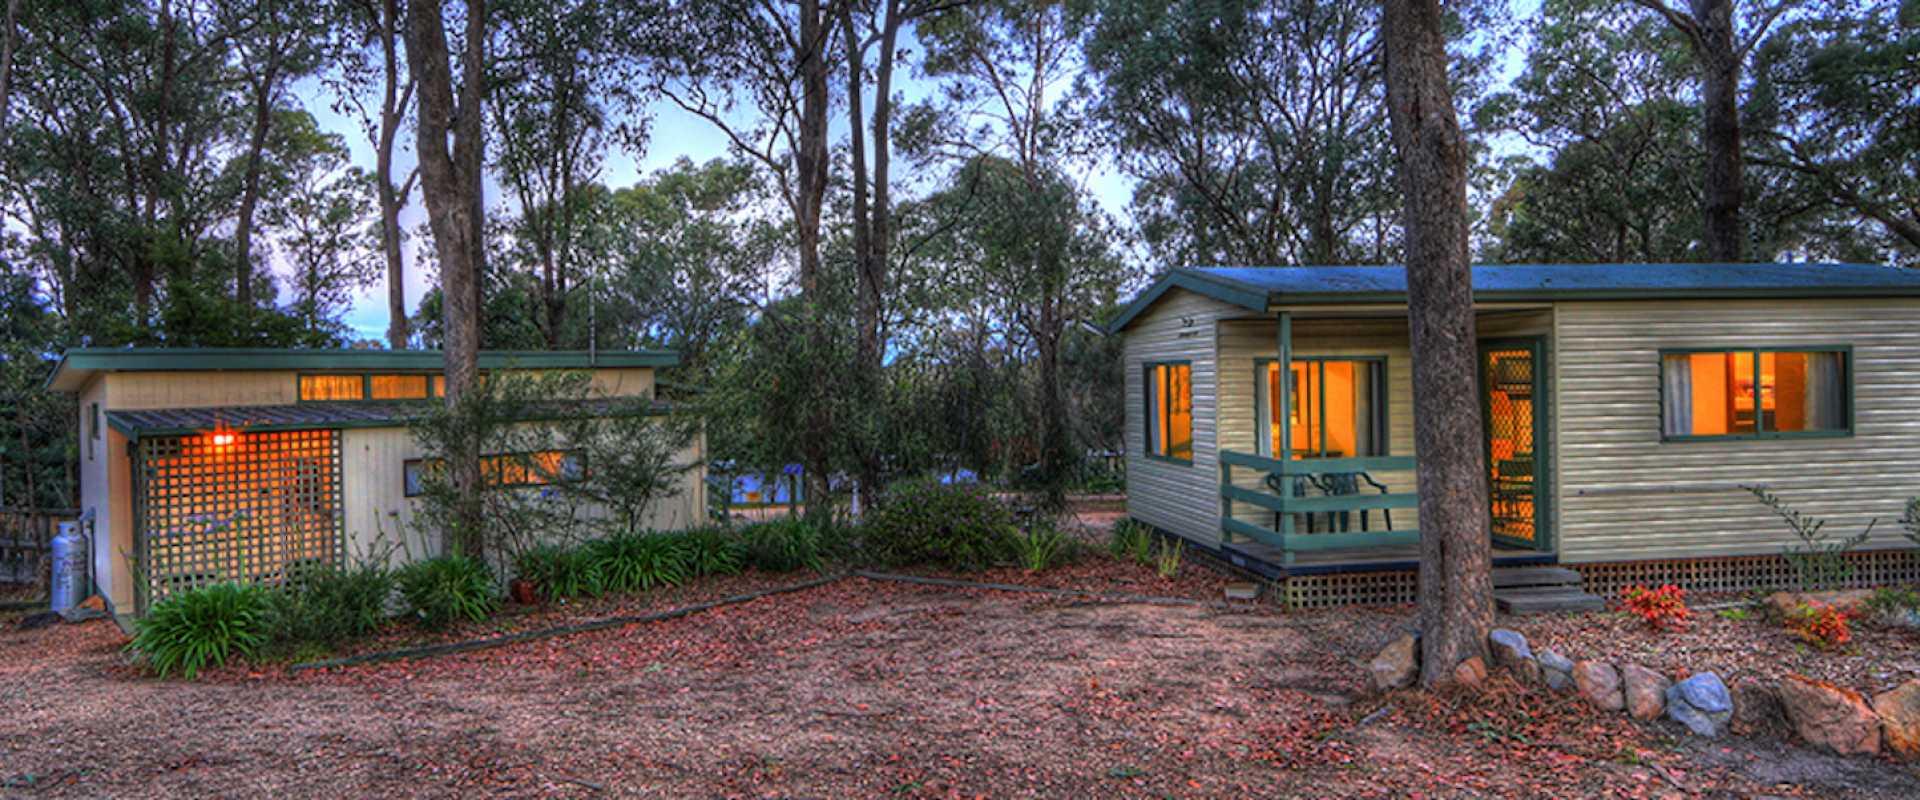 Kui Parks, Lakes Bushland Caravan Park, Nicholson VIC